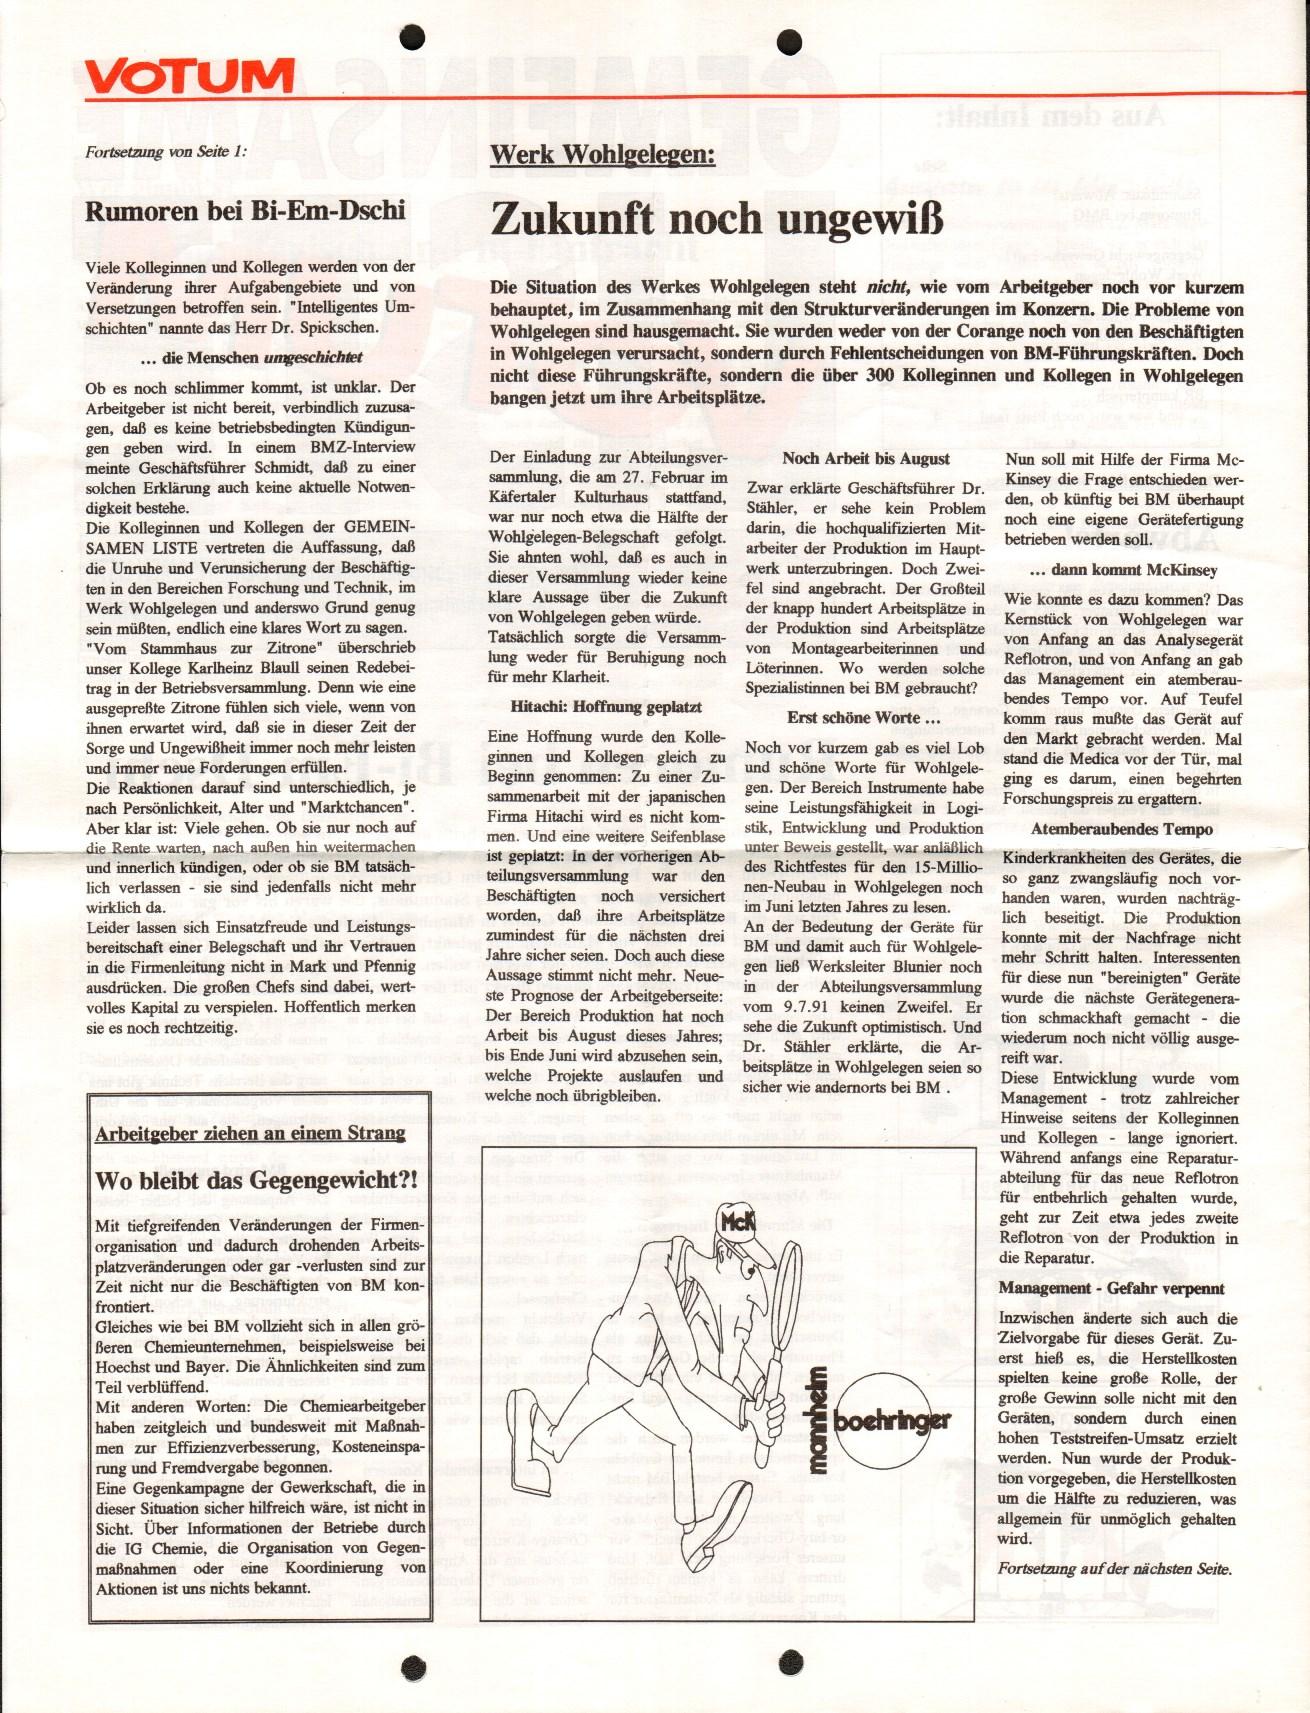 Mannheim_Boehringer_Gemeinsame_Liste_1992_02_02